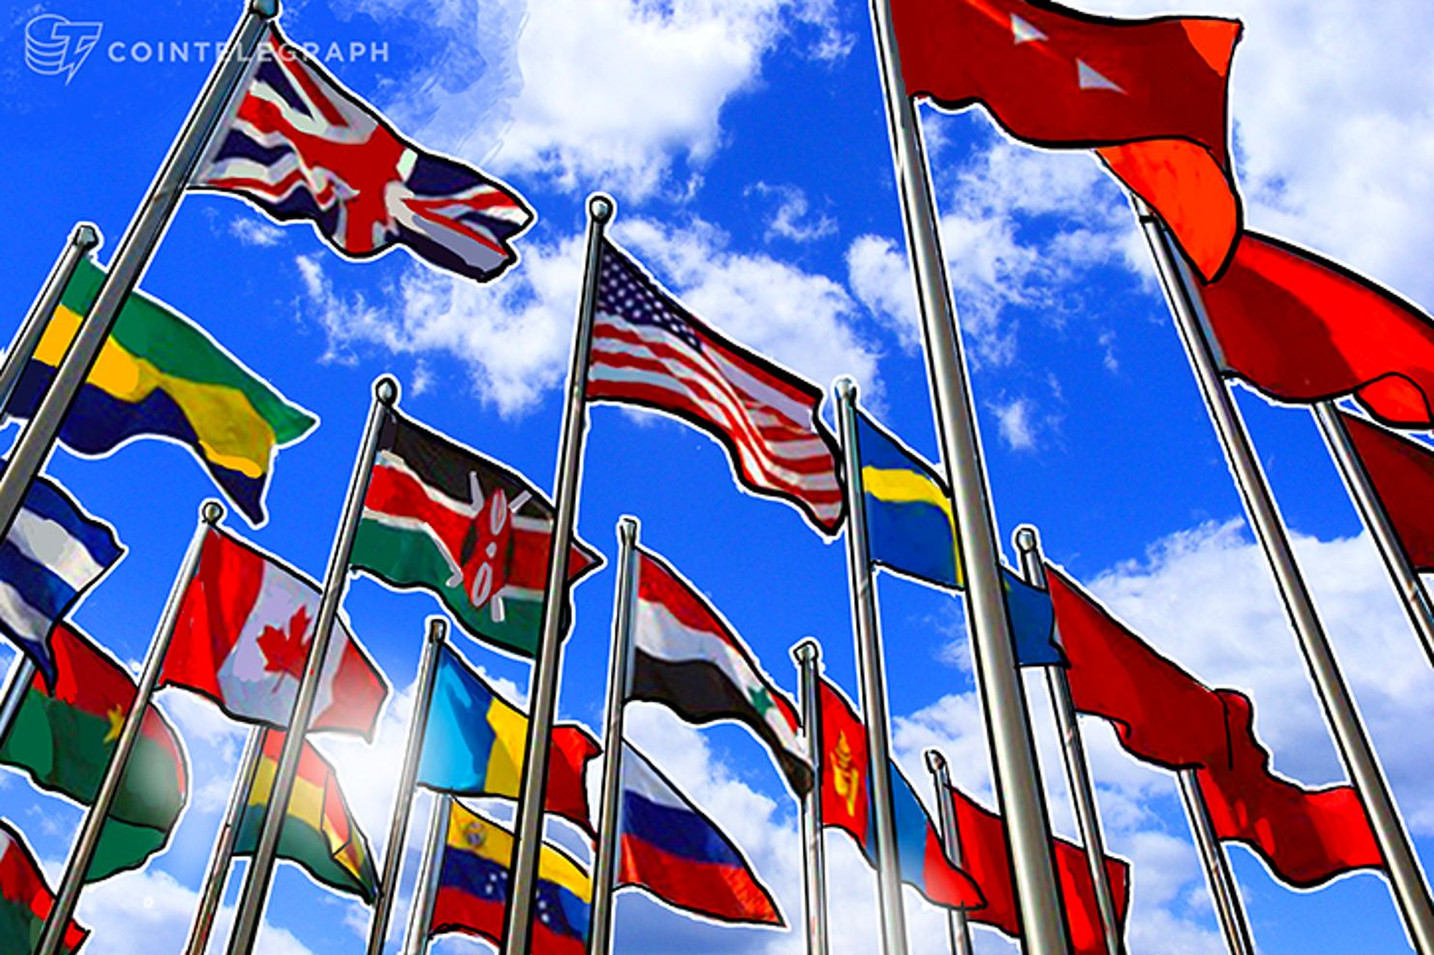 G20共同声明:仮想通貨へのFATF規制、10月までに明確化求める